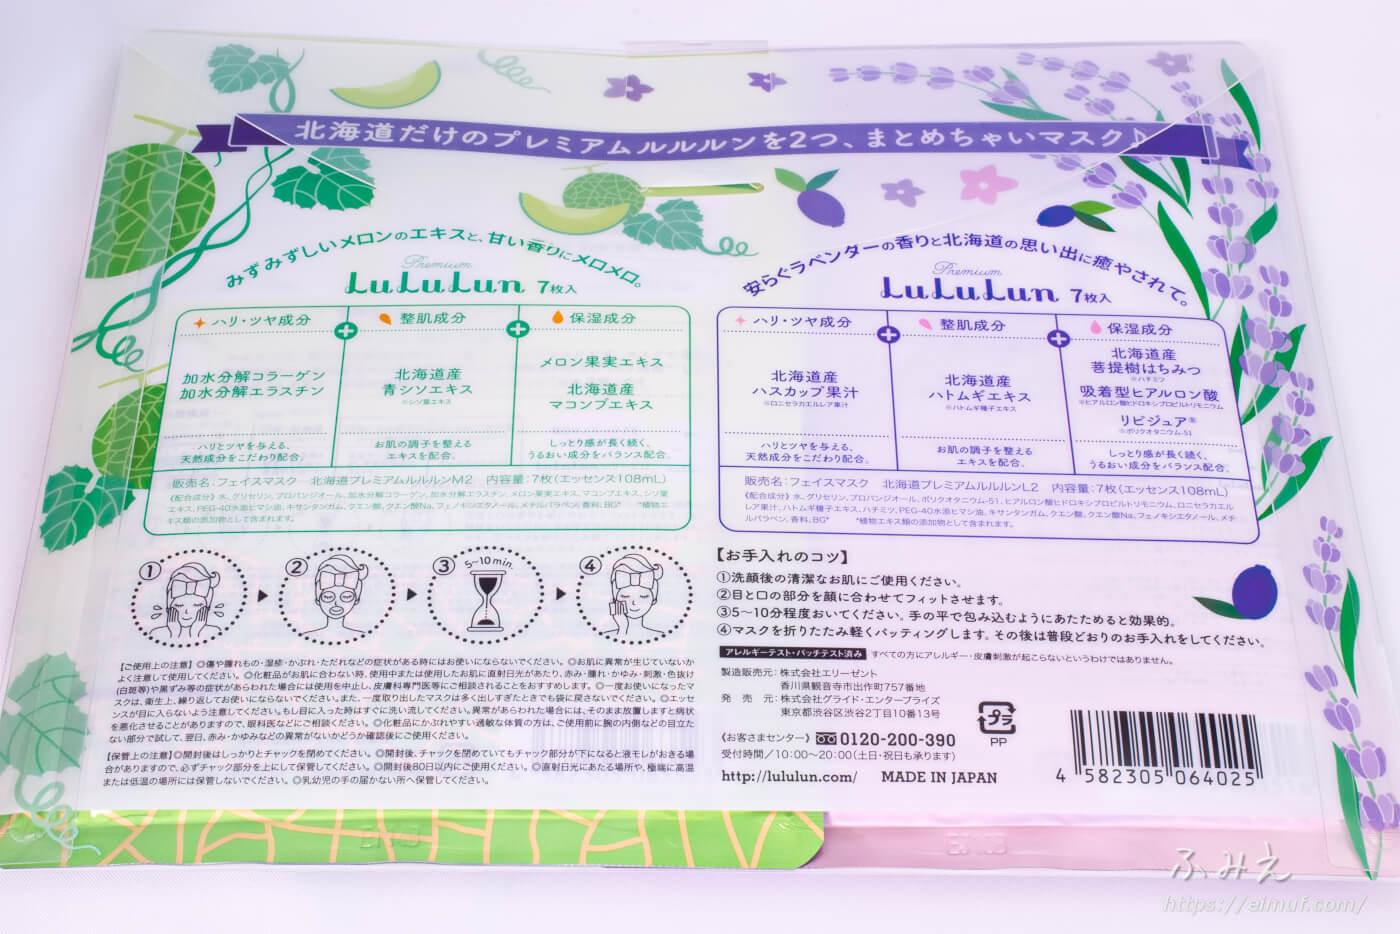 北海道のプレミアムルルルン メロンの香り とラベンダーの香りがセットになったパッケージ裏面